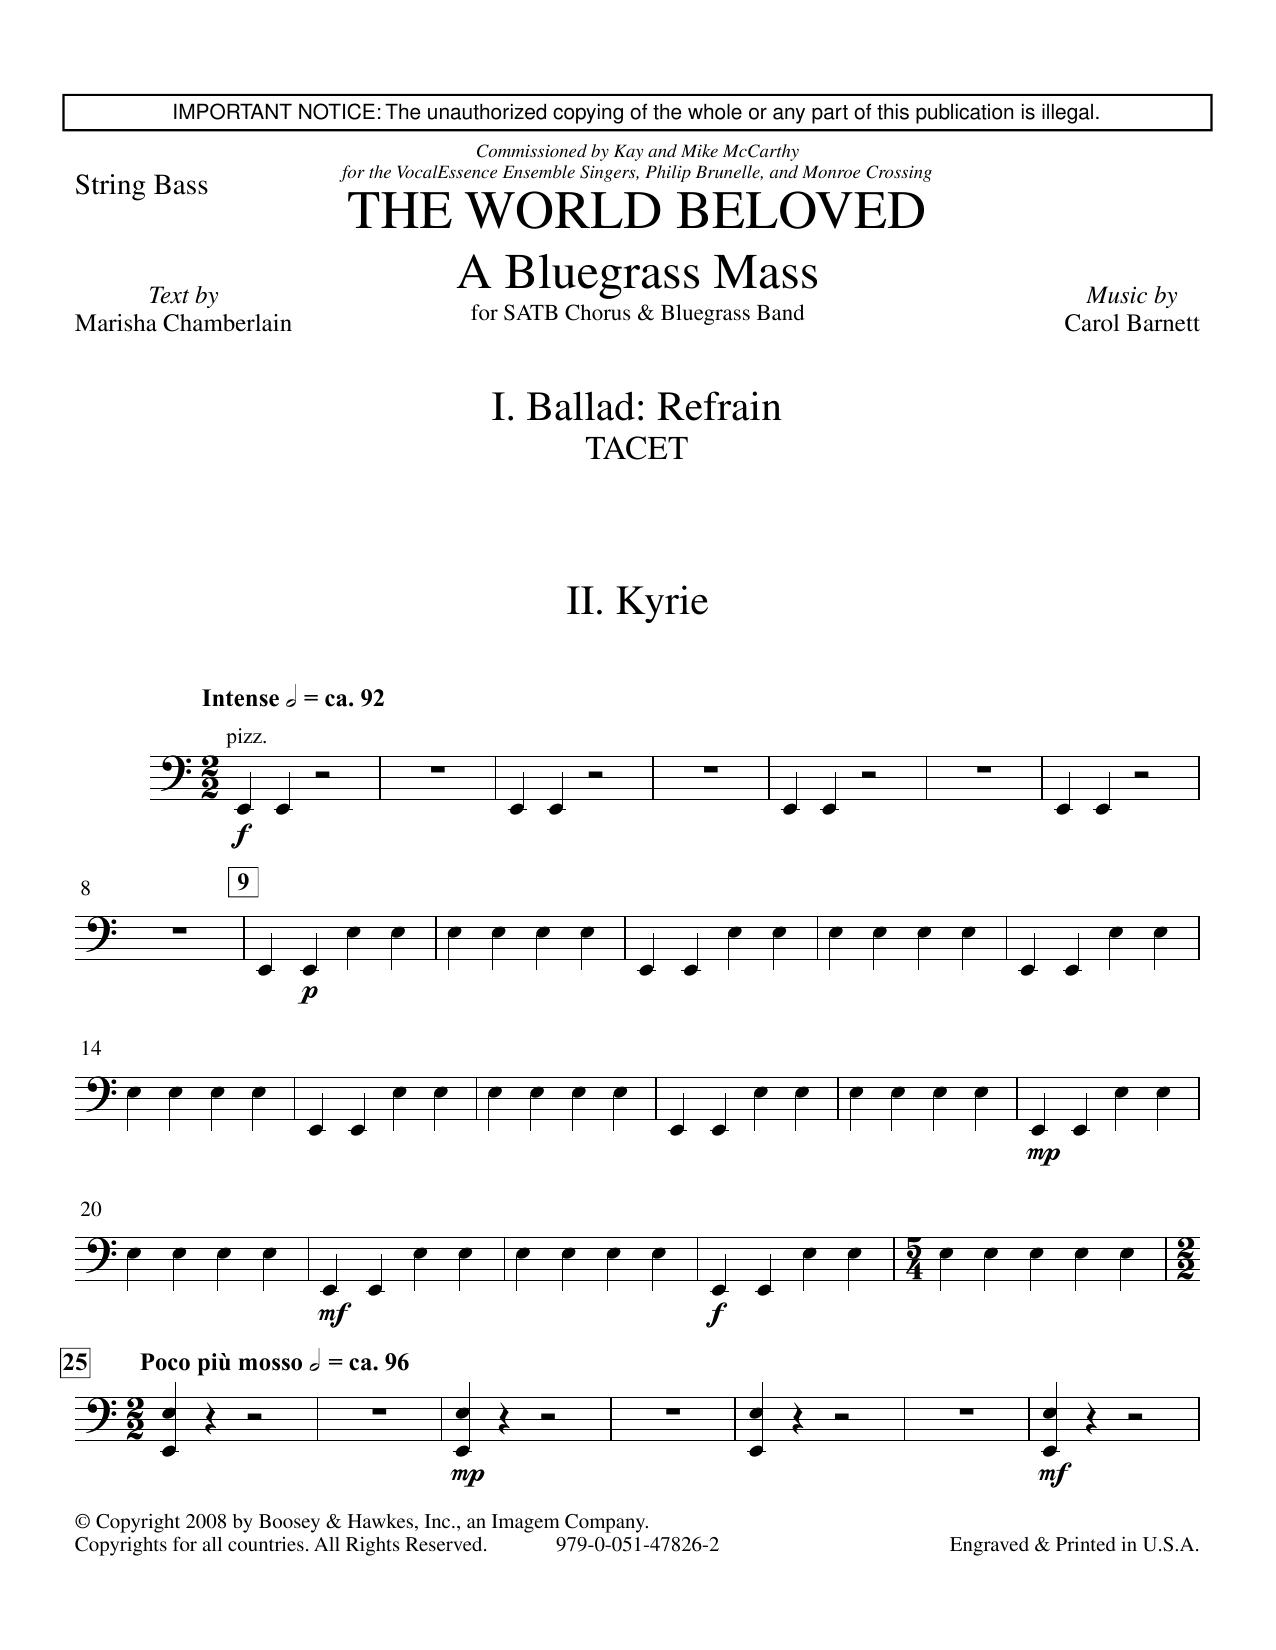 The World Beloved: A Bluegrass Mass - Bass Sheet Music